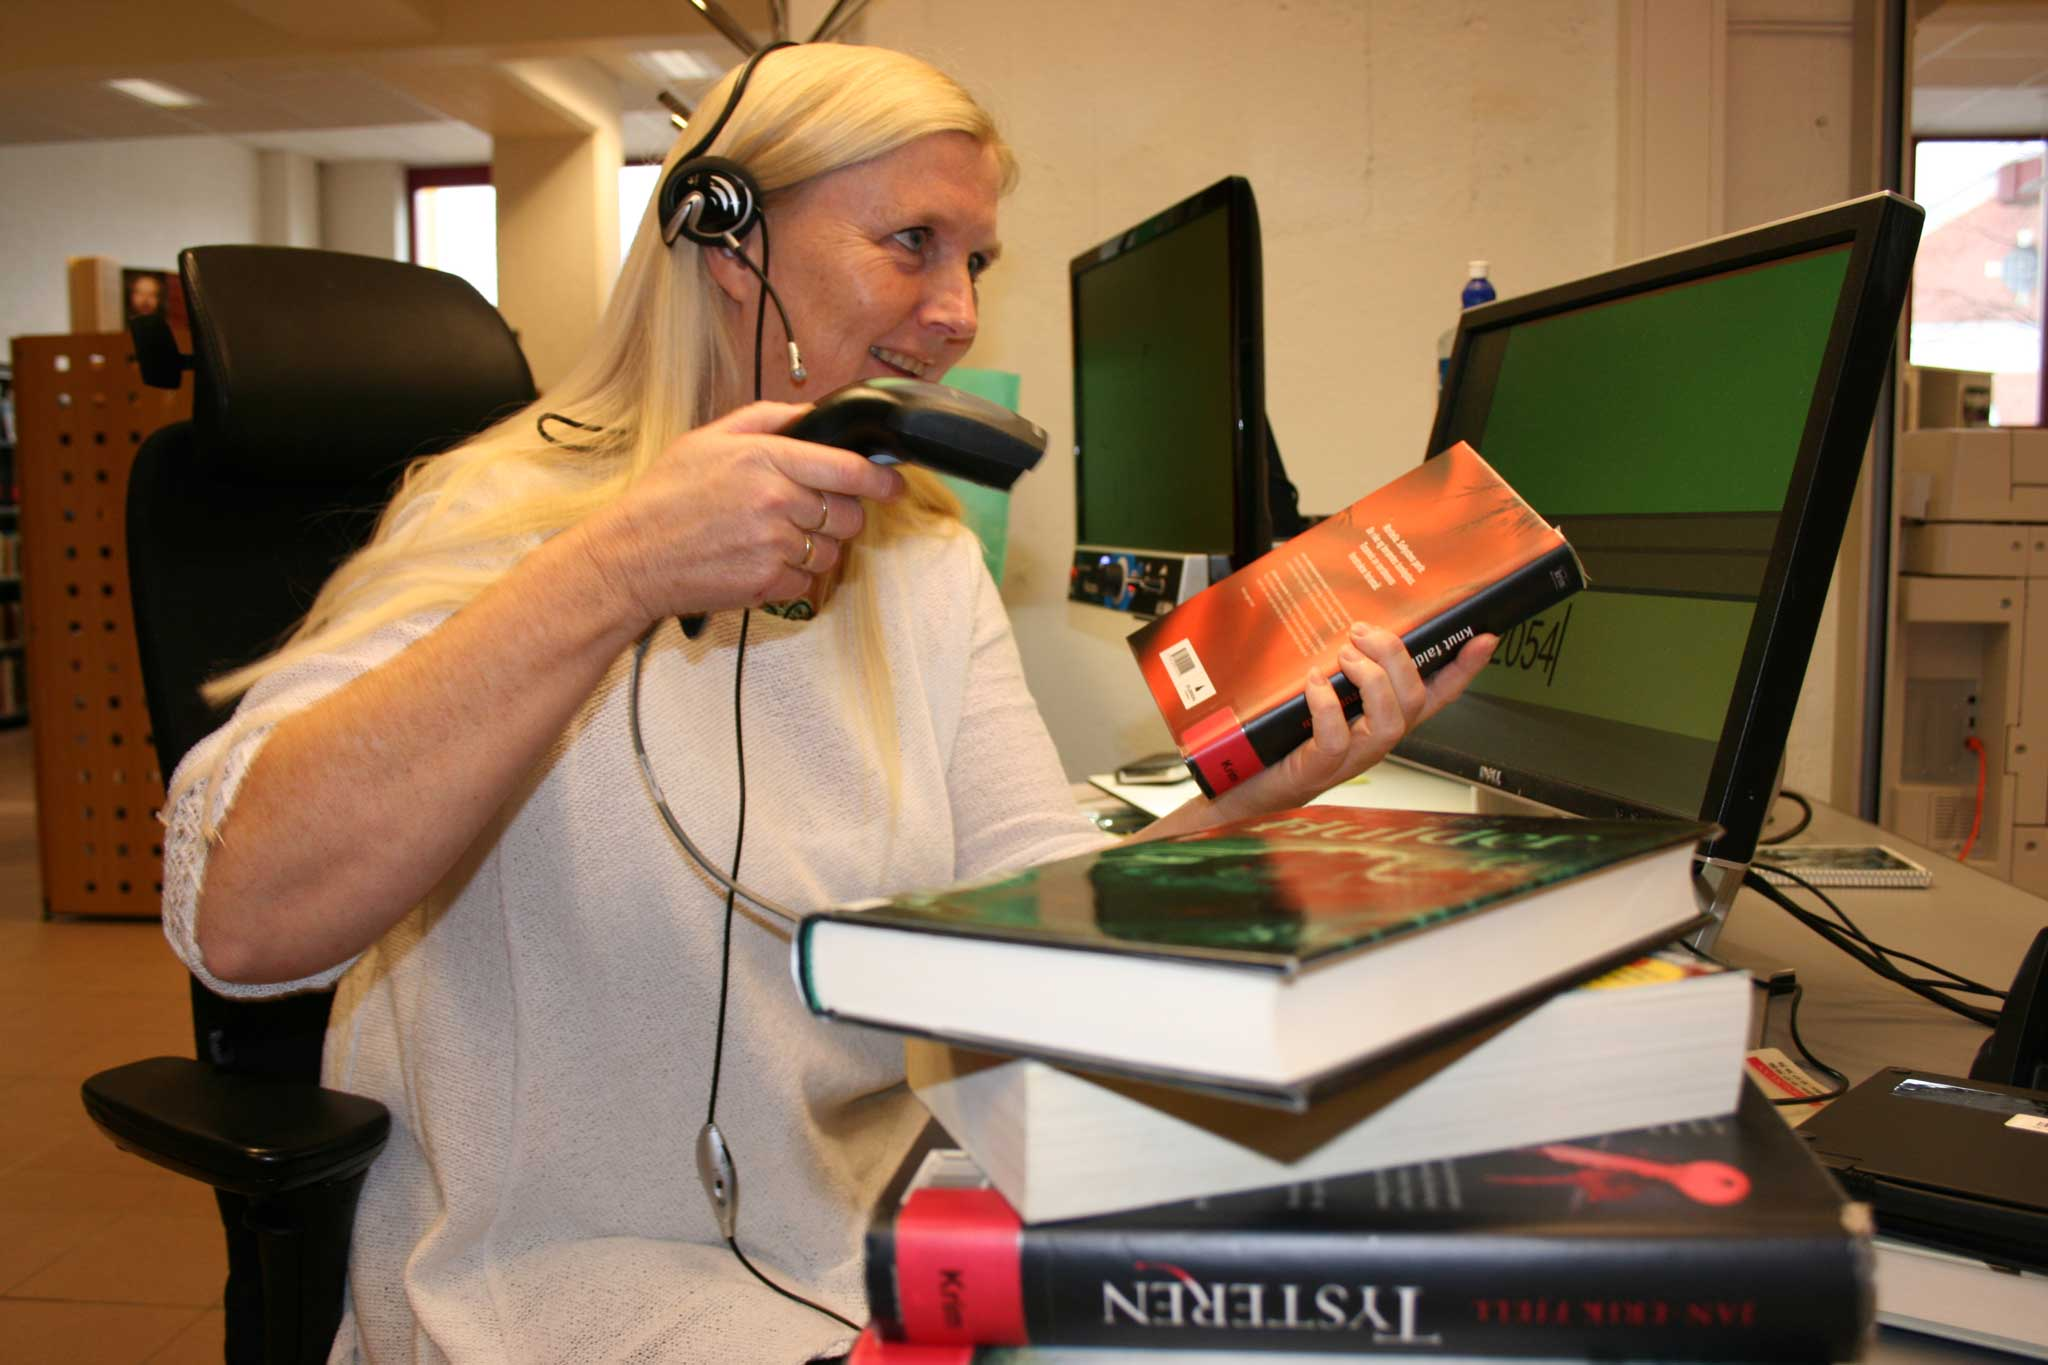 Du kan arbeide selv om synet svikter. Wenche Borgen Odden bruker flere kjekke hjelpemidler i jobben som bibliotekar.